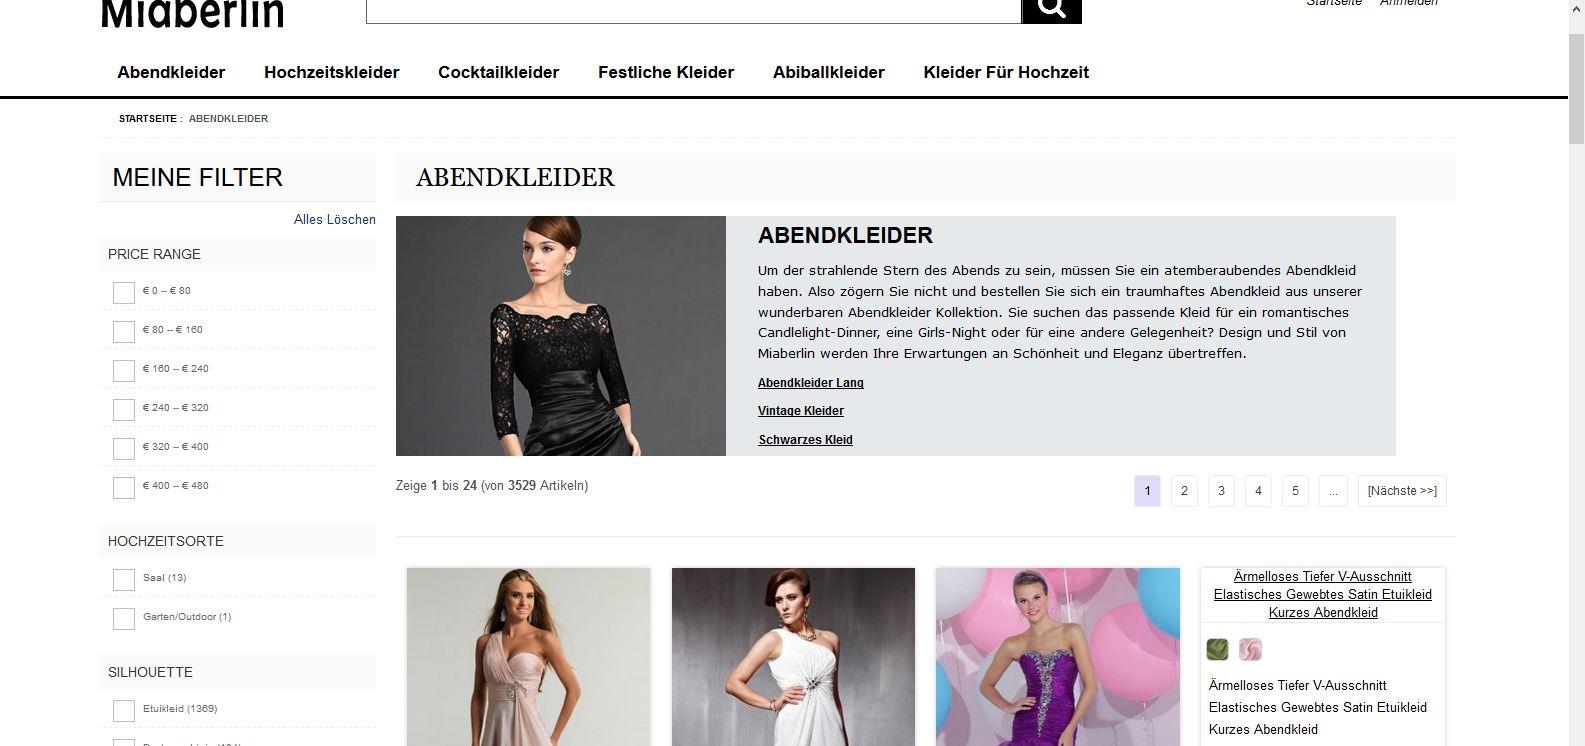 die hissungs: mia berlin - der shop für maßgeschneiderte